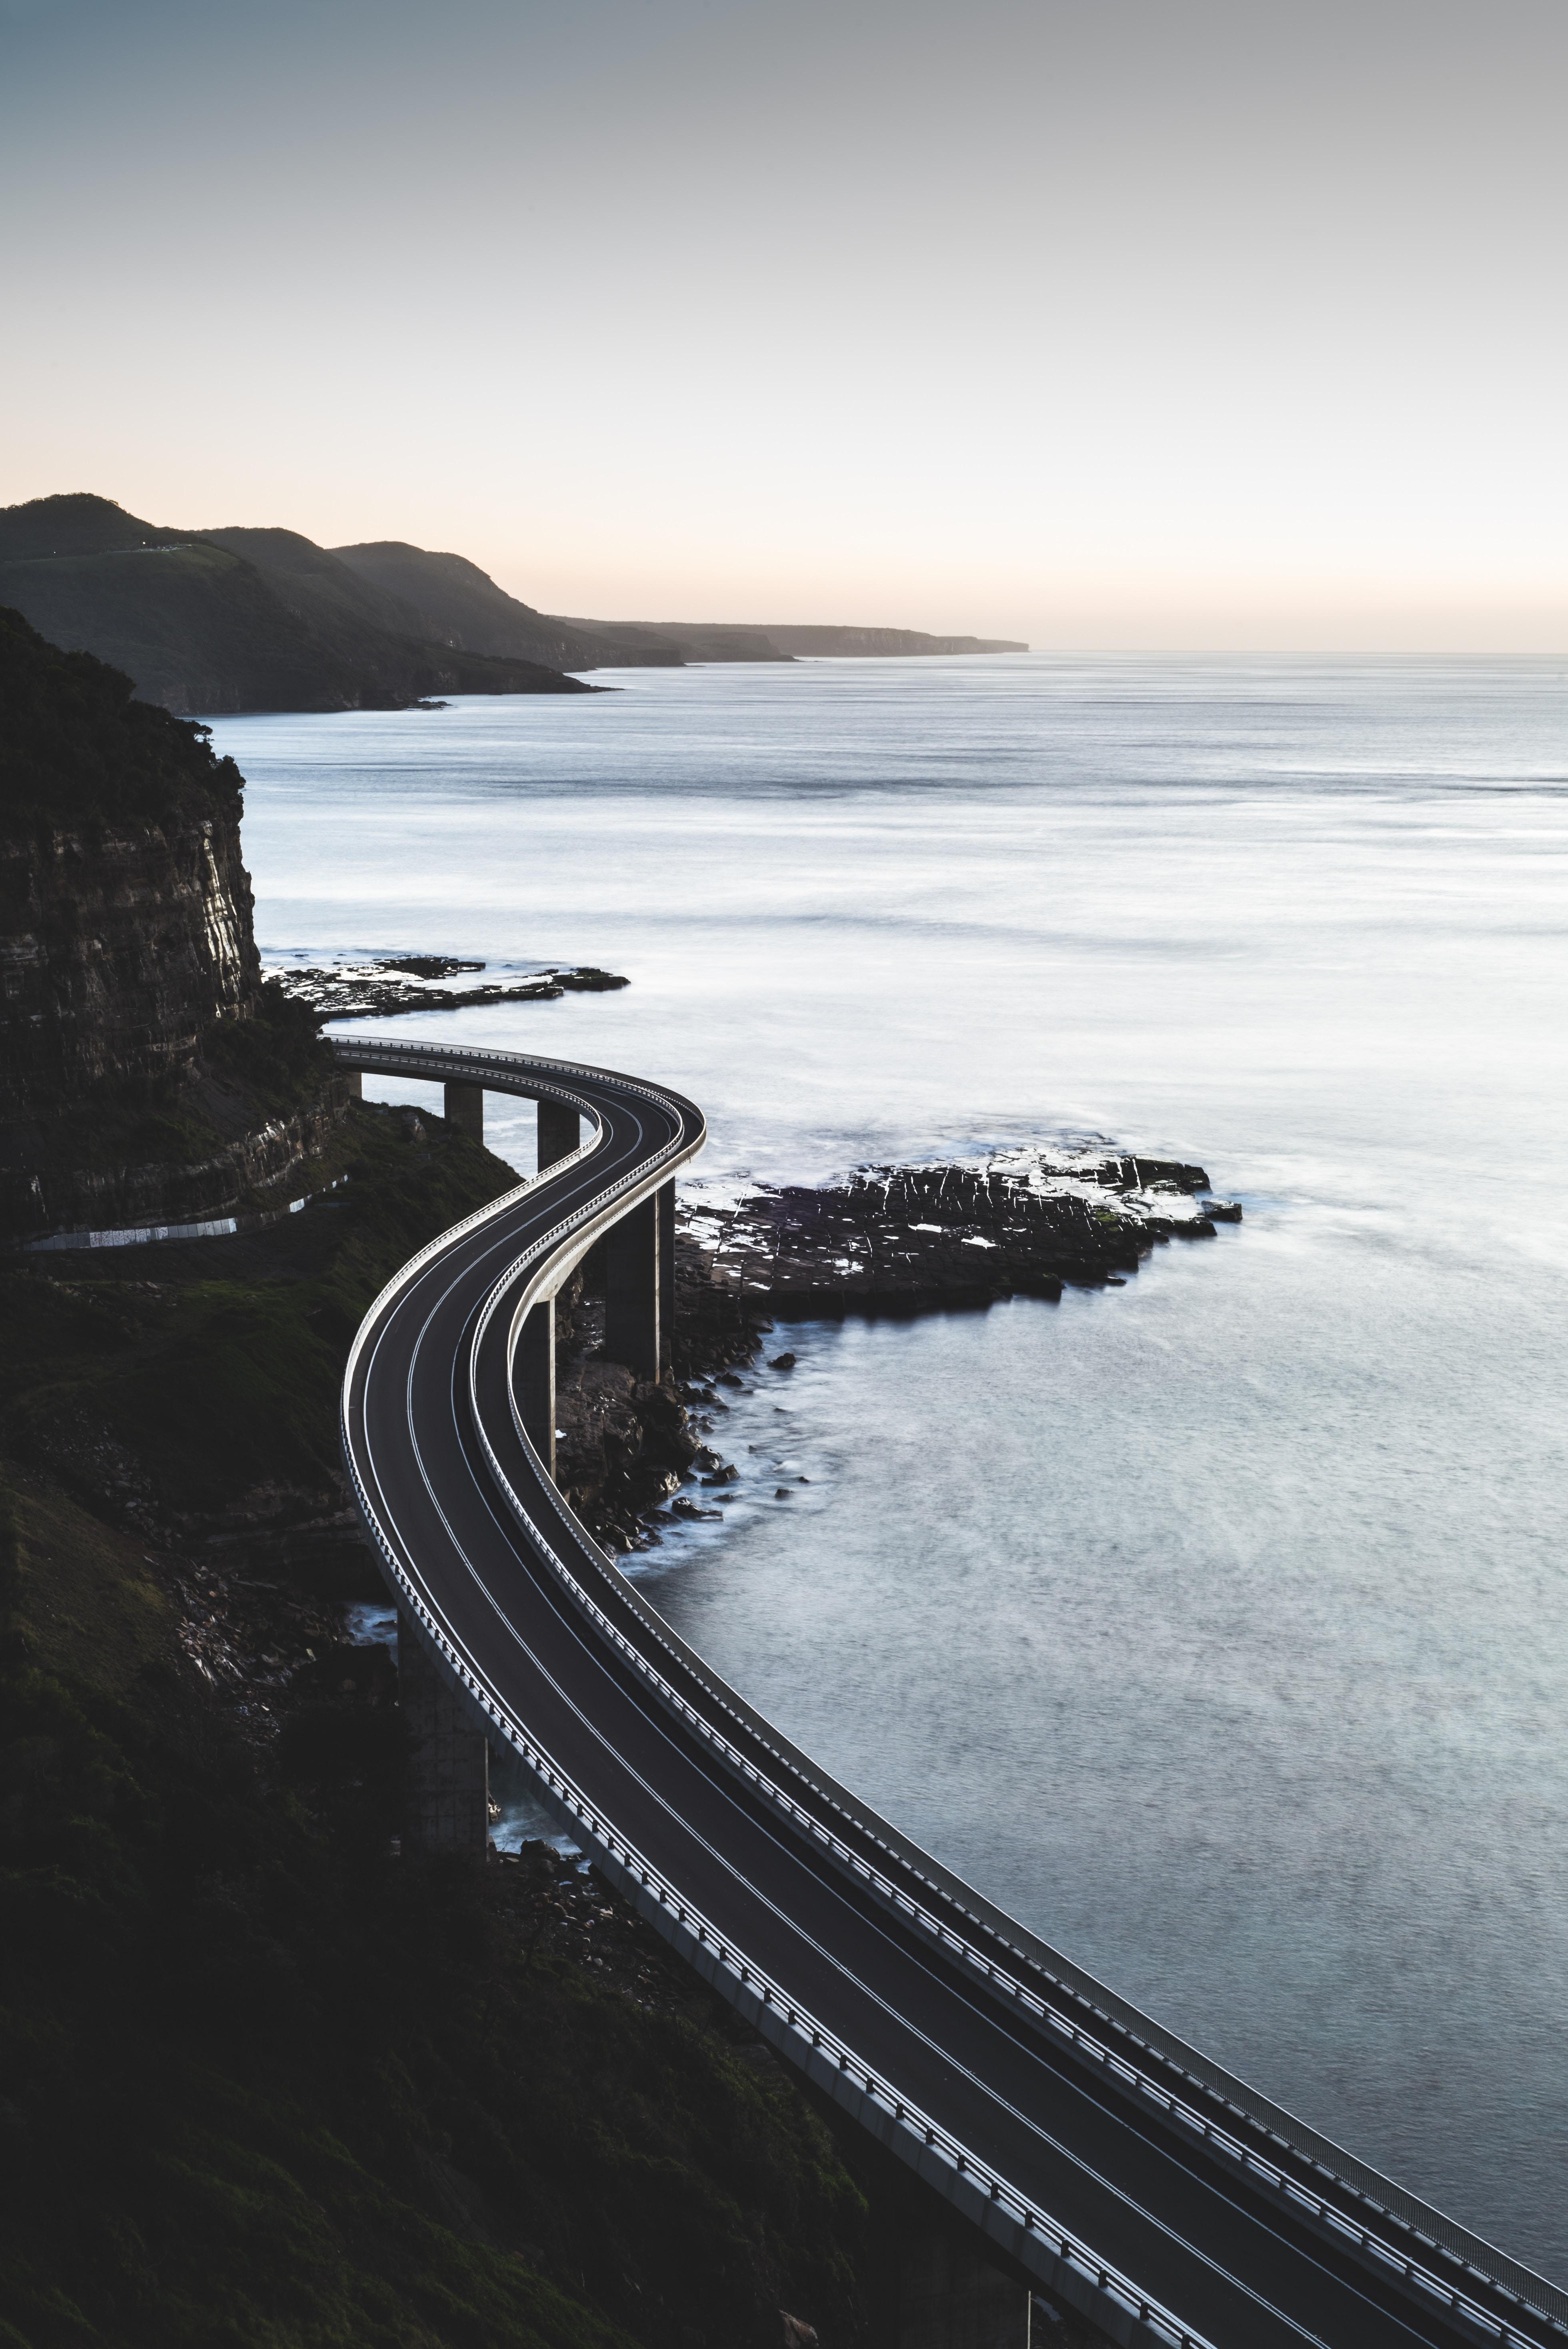 76153 Заставки и Обои Дорога на телефон. Скачать Дорога, Природа, Море, Мост, Австралия, Клифтон картинки бесплатно